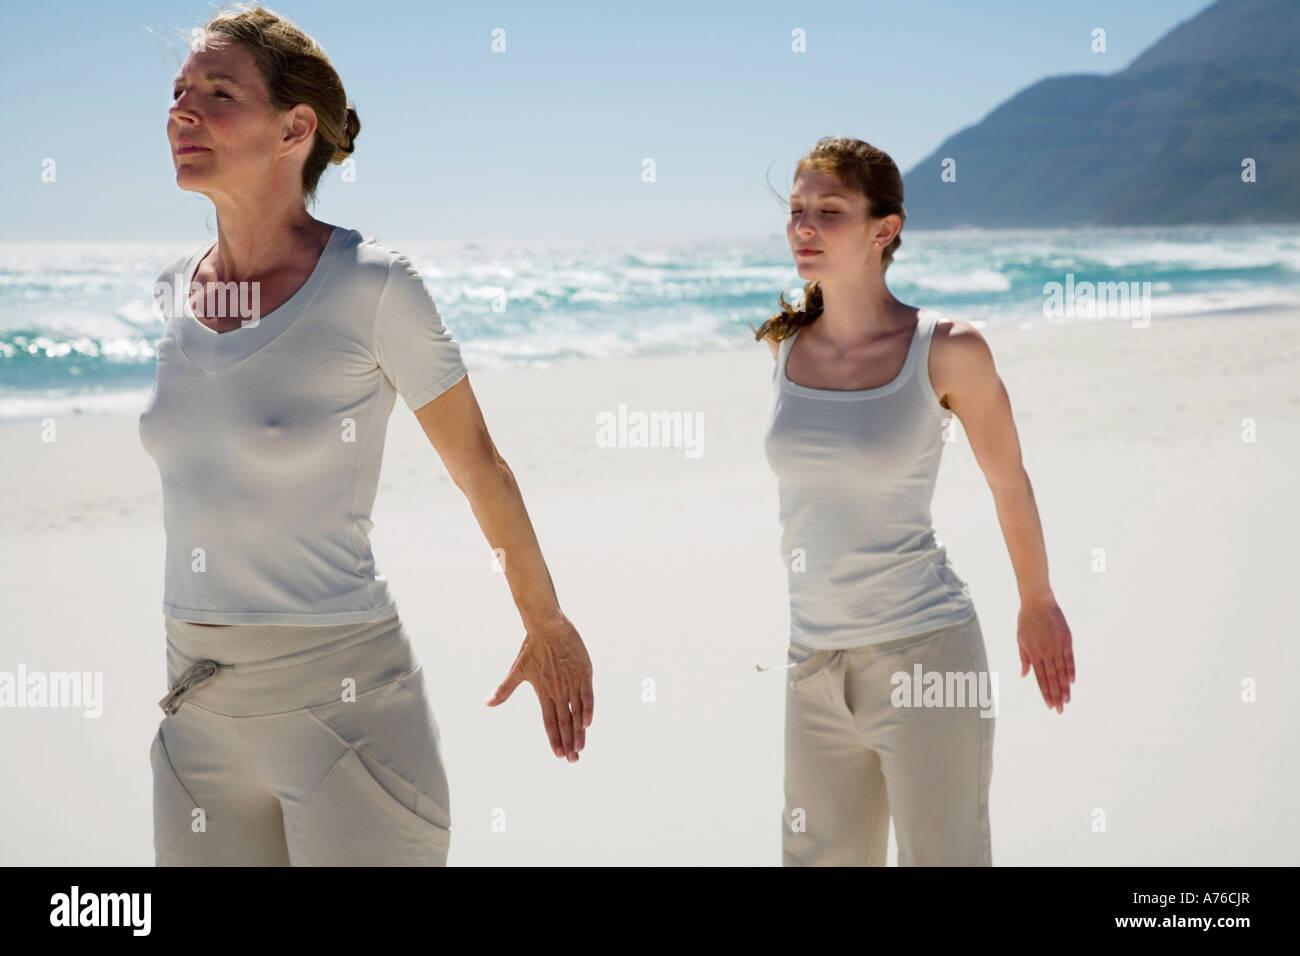 zwei frauen die aus bung von yoga am strand stockfoto bild 11739166 alamy. Black Bedroom Furniture Sets. Home Design Ideas